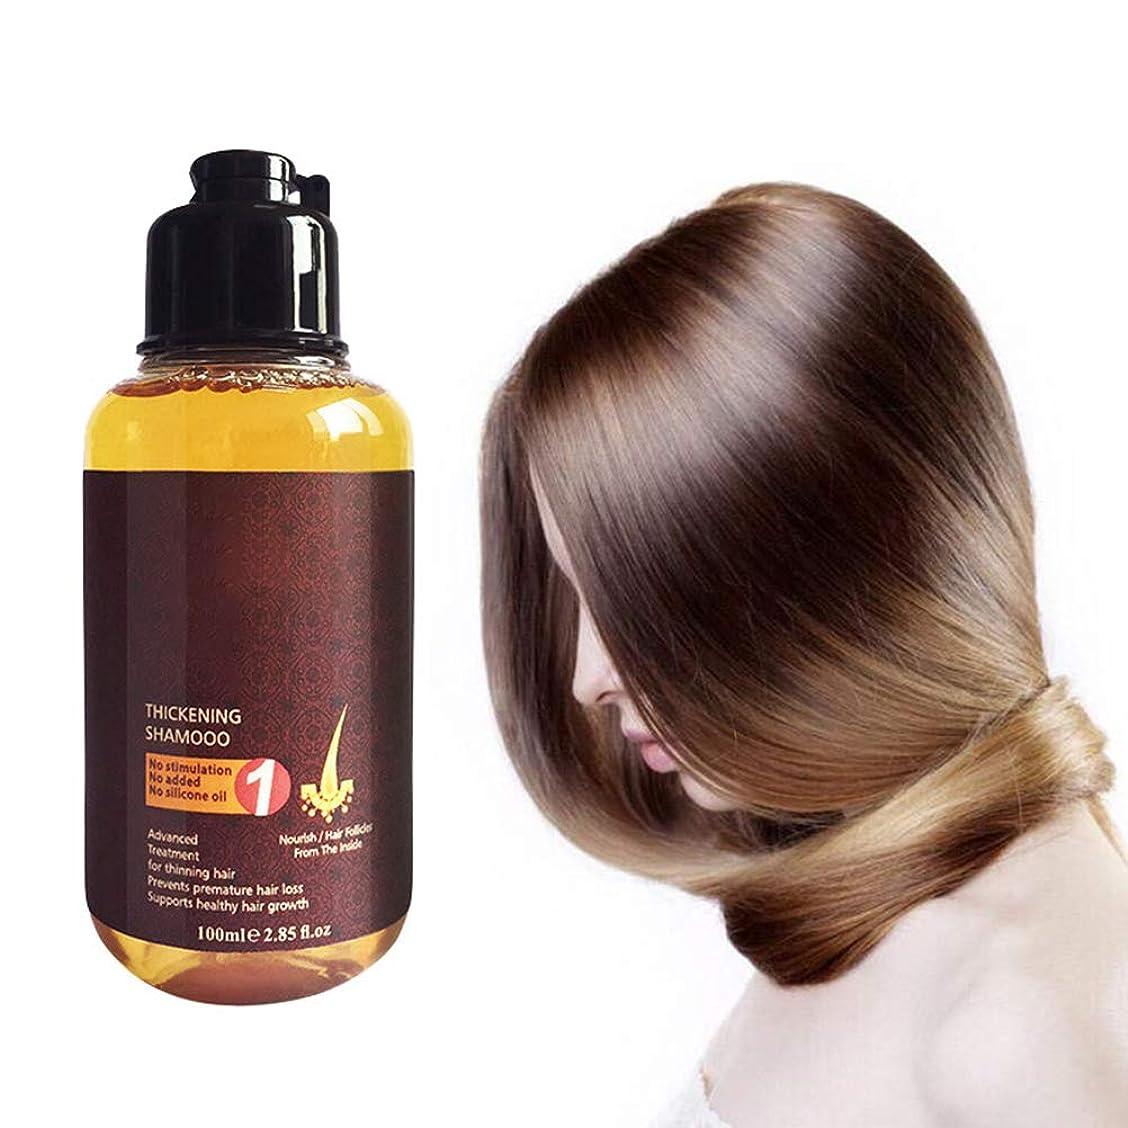 バンクパキスタン人数supbel ヘアケアエッセンシャルオイル 天然オイル アルガンオイル ヘアケア 栄養補給 モイスチャライザー 保湿 スカルプドライヘア トリートメント やわらか なめらか スプリット 乾燥 傷んだ髪 修復 男女兼用 100ml